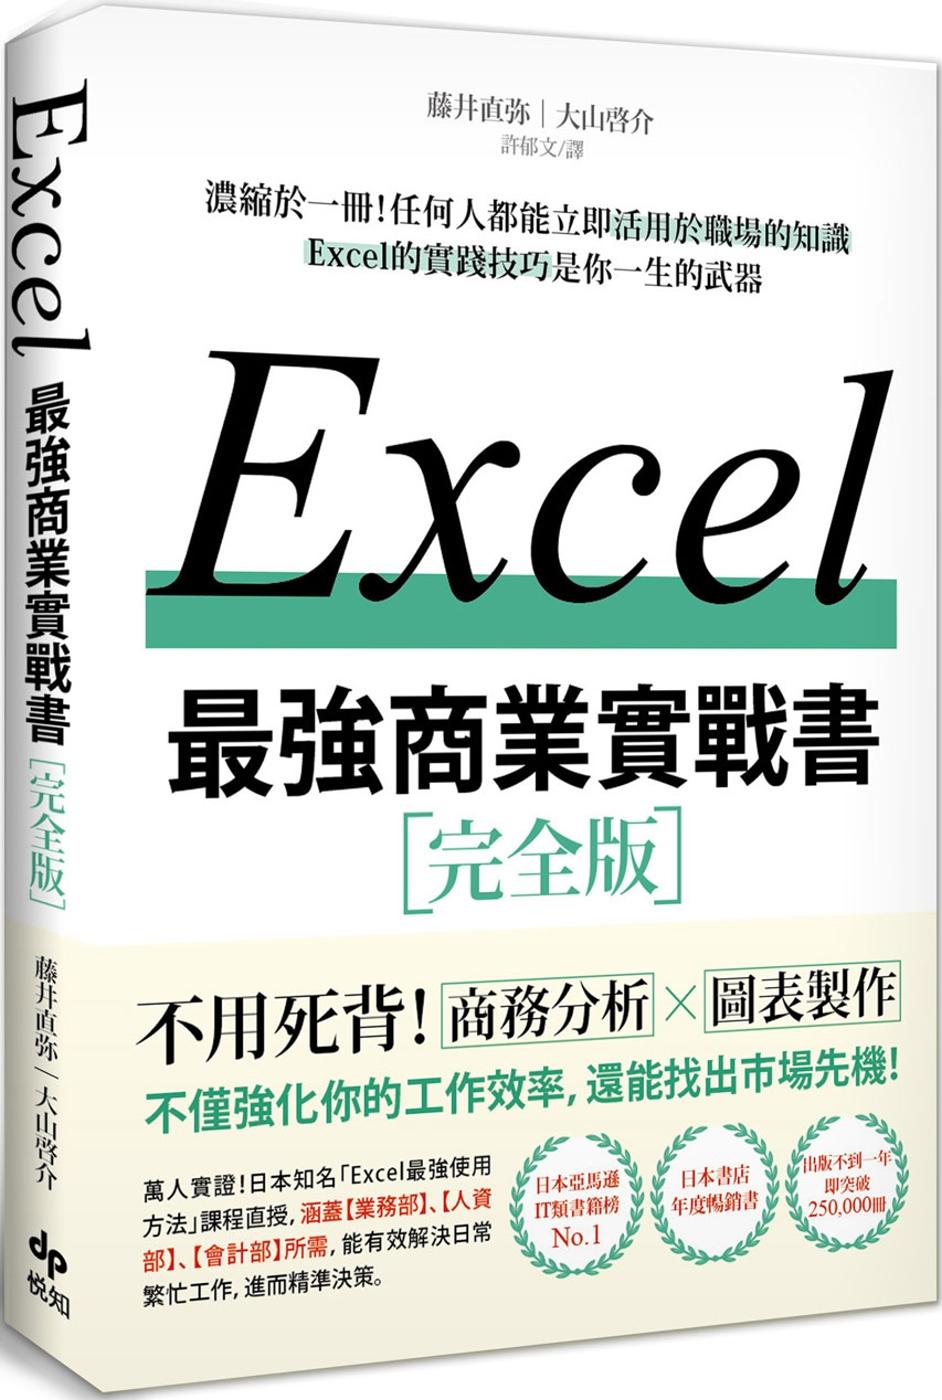 EXCEL最強商業實戰書:濃縮...